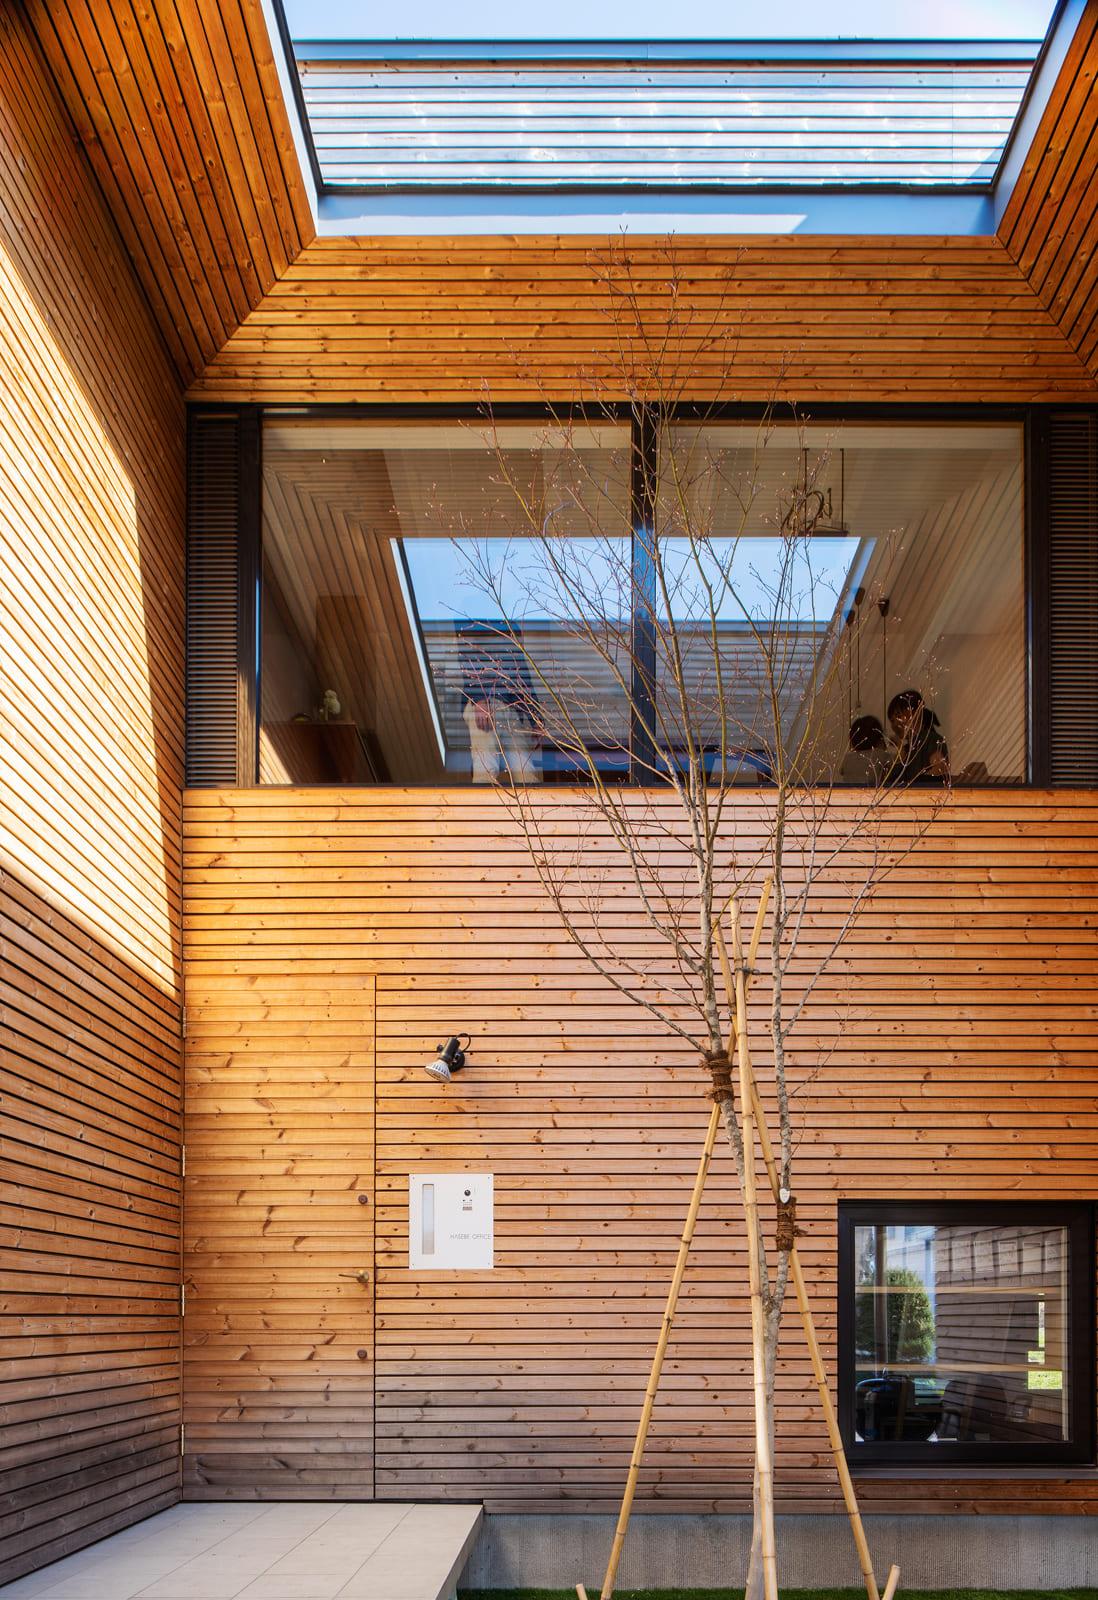 前庭上に設けた穴は、居住空間である2階へ外光を届ける天窓のような役割を果たす